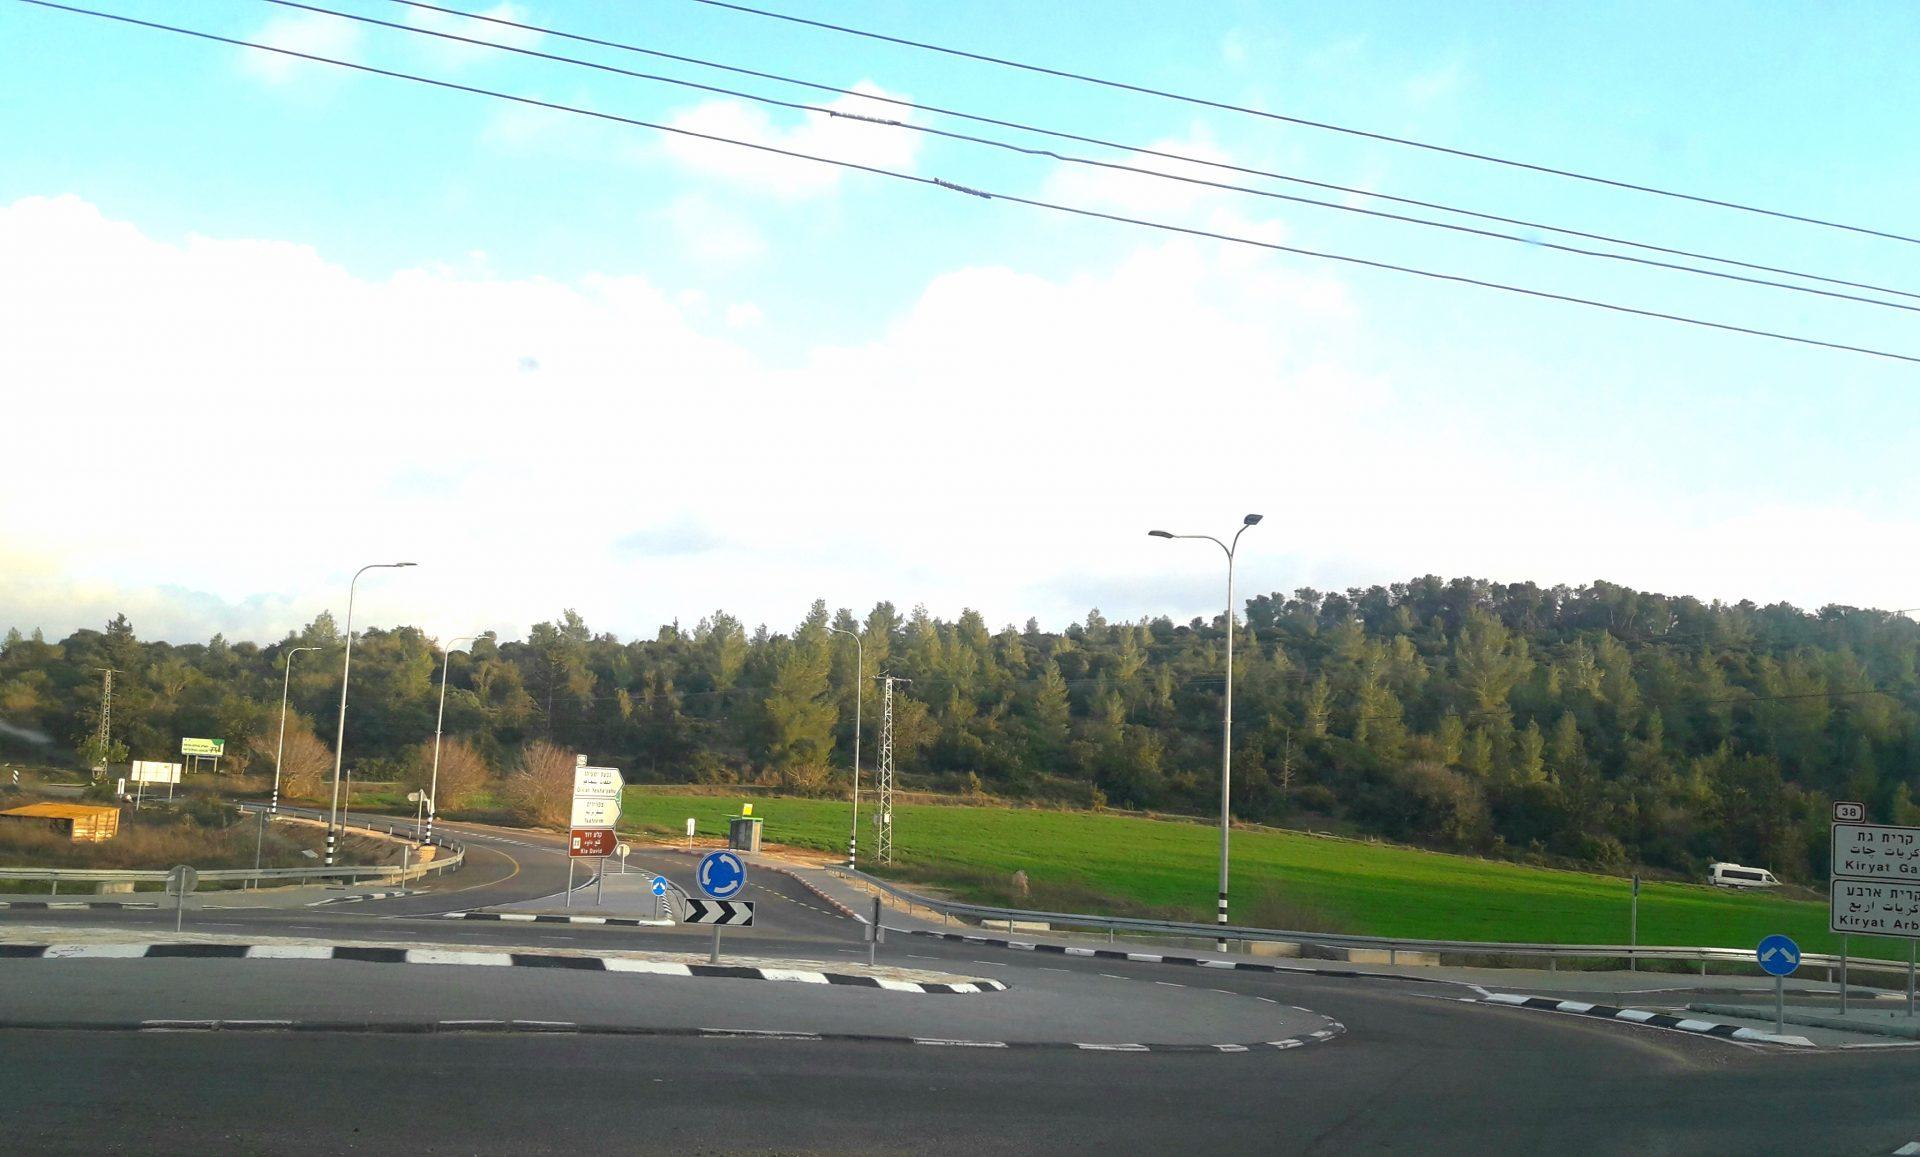 אזור במועצה האזורית מטה יהודה (צילום: s.t)